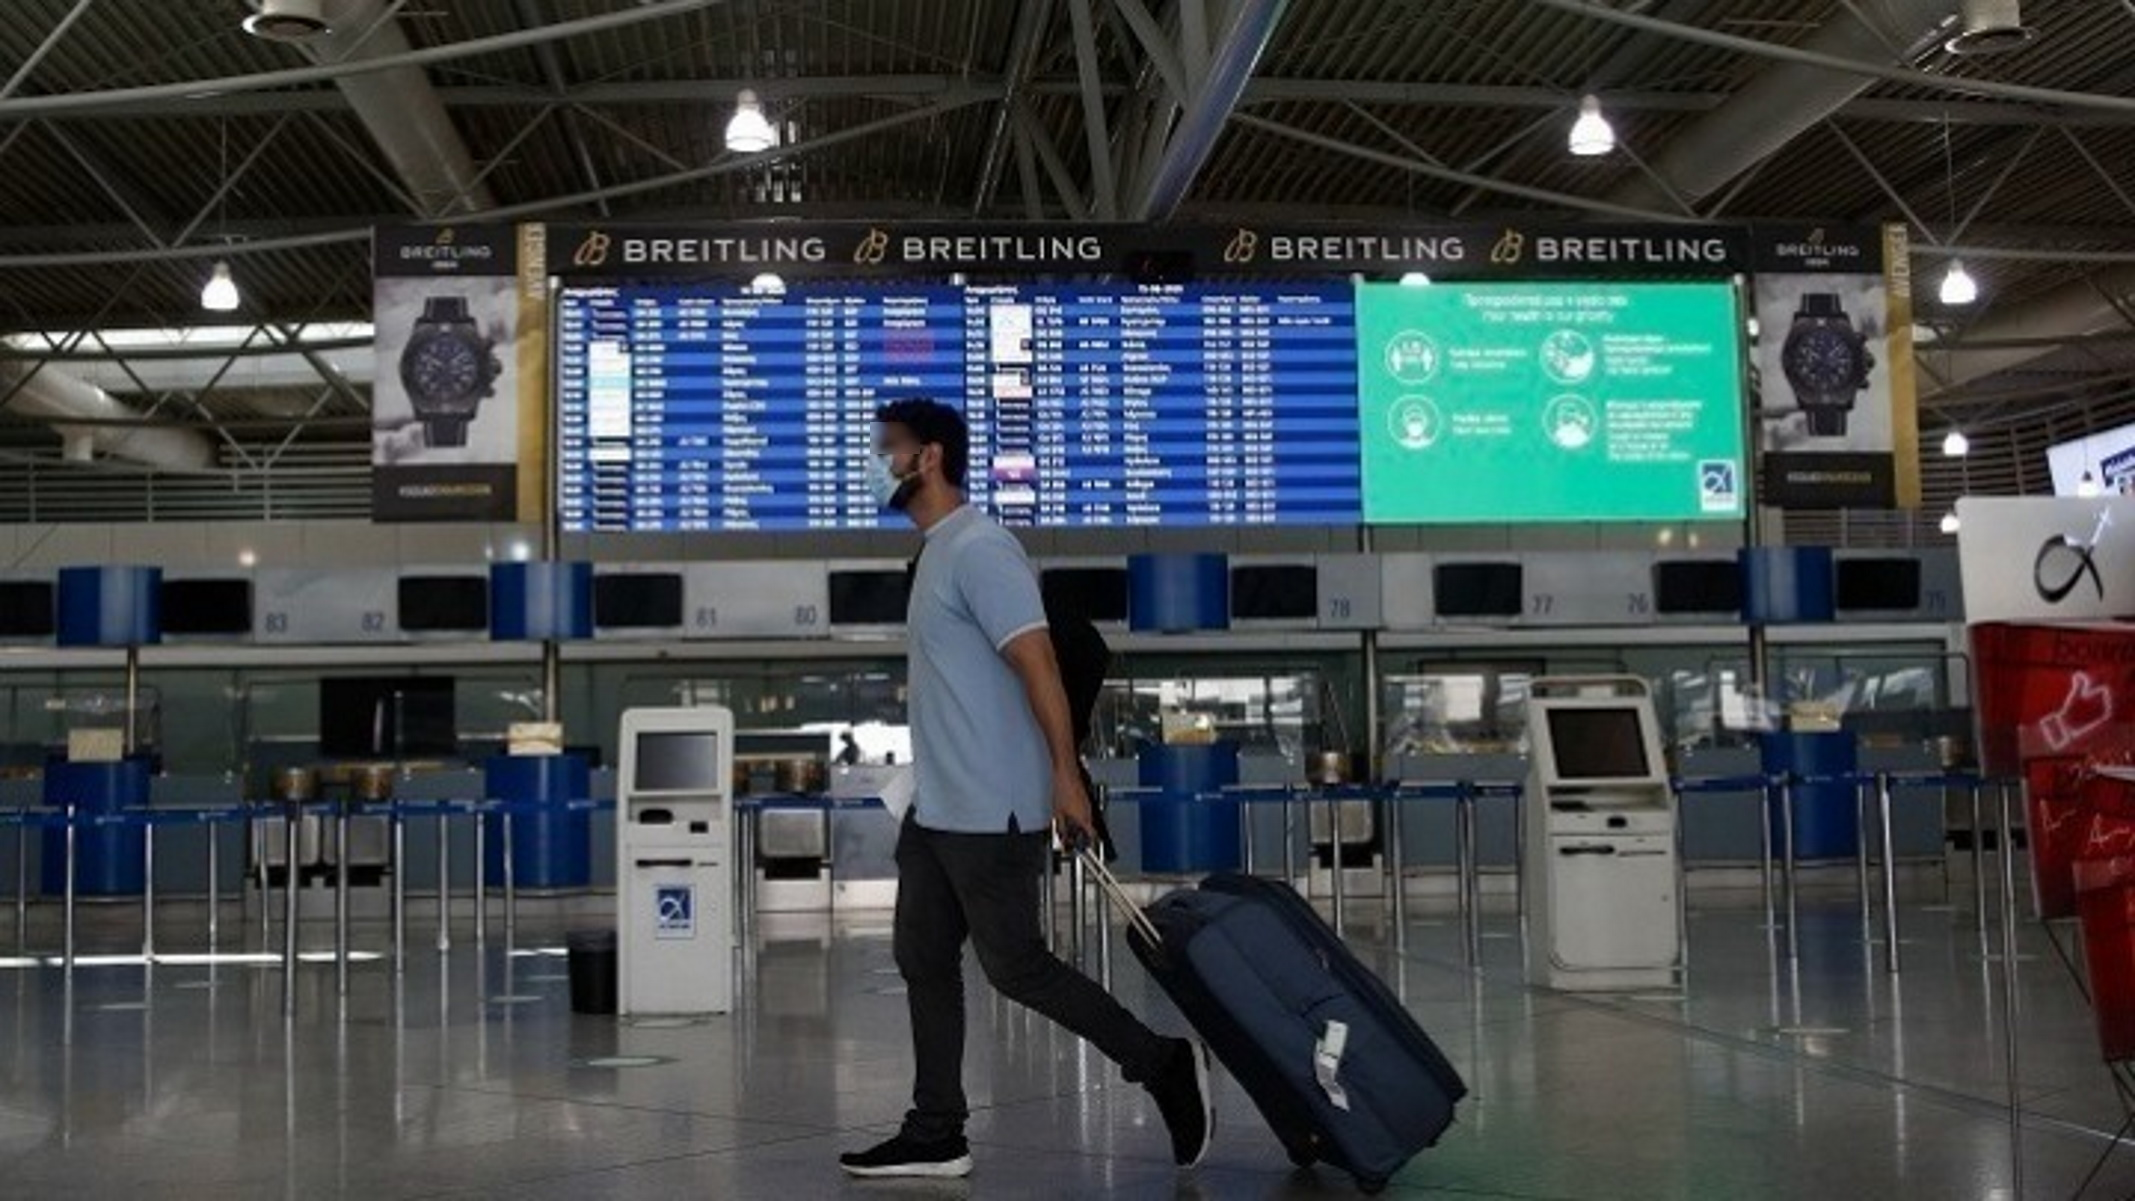 Κρήτη: Με πιστοποιητικό εμβολιασμού και πλήρη ανοσία έφτασαν οι πρώτοι Ισραηλινοί τουρίστες